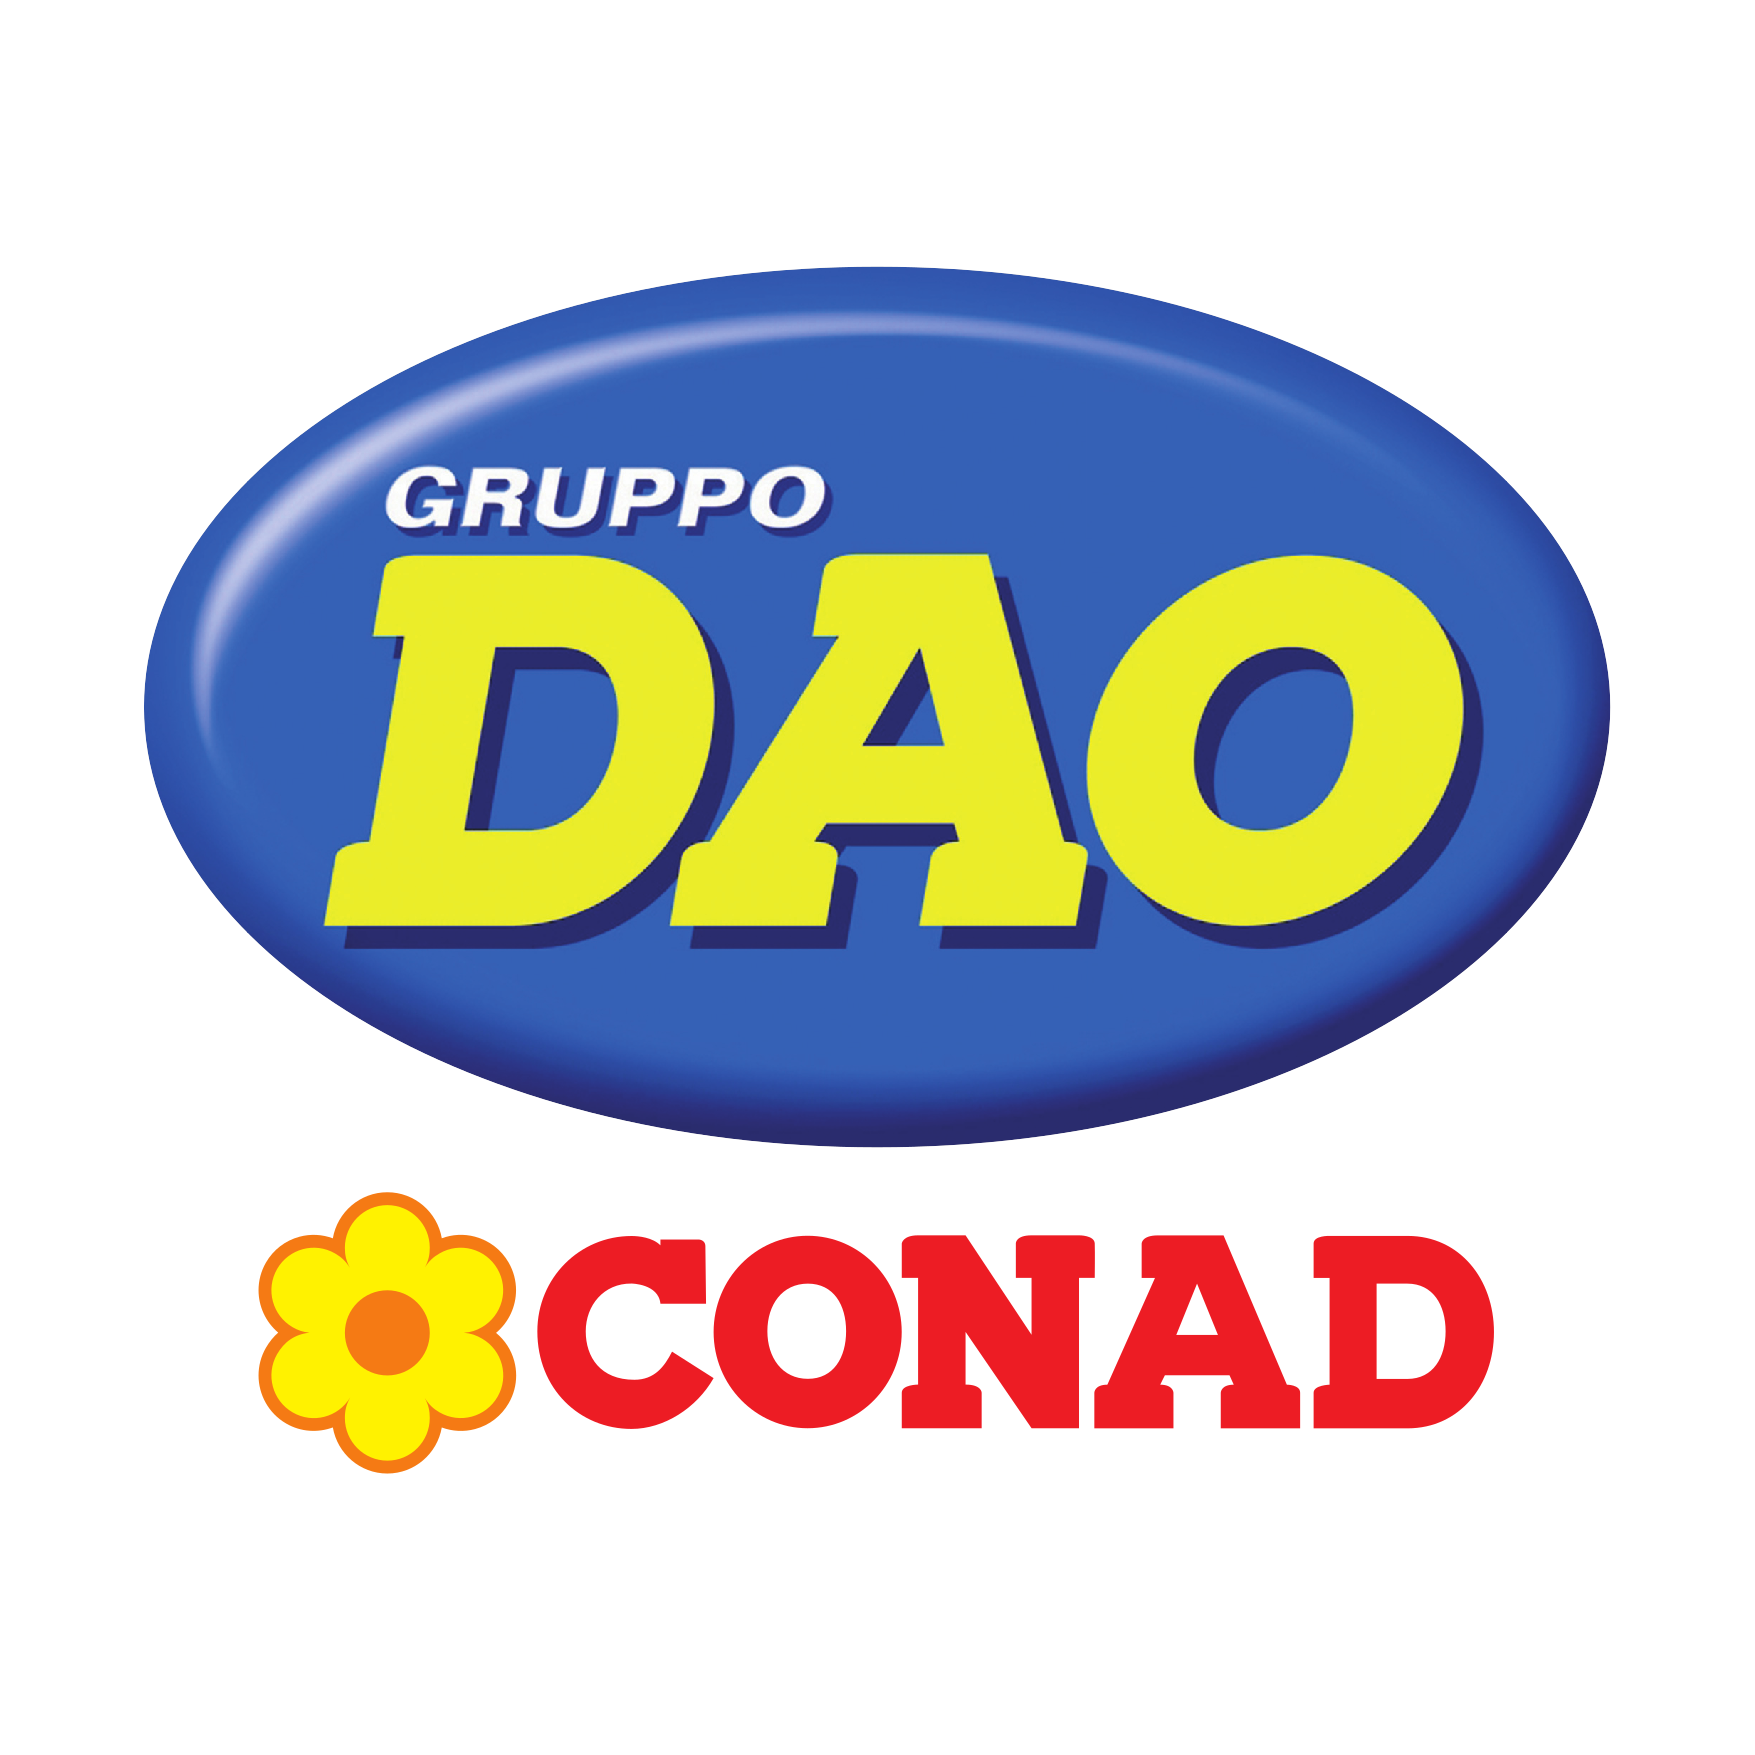 Gruppo DAO CONAD